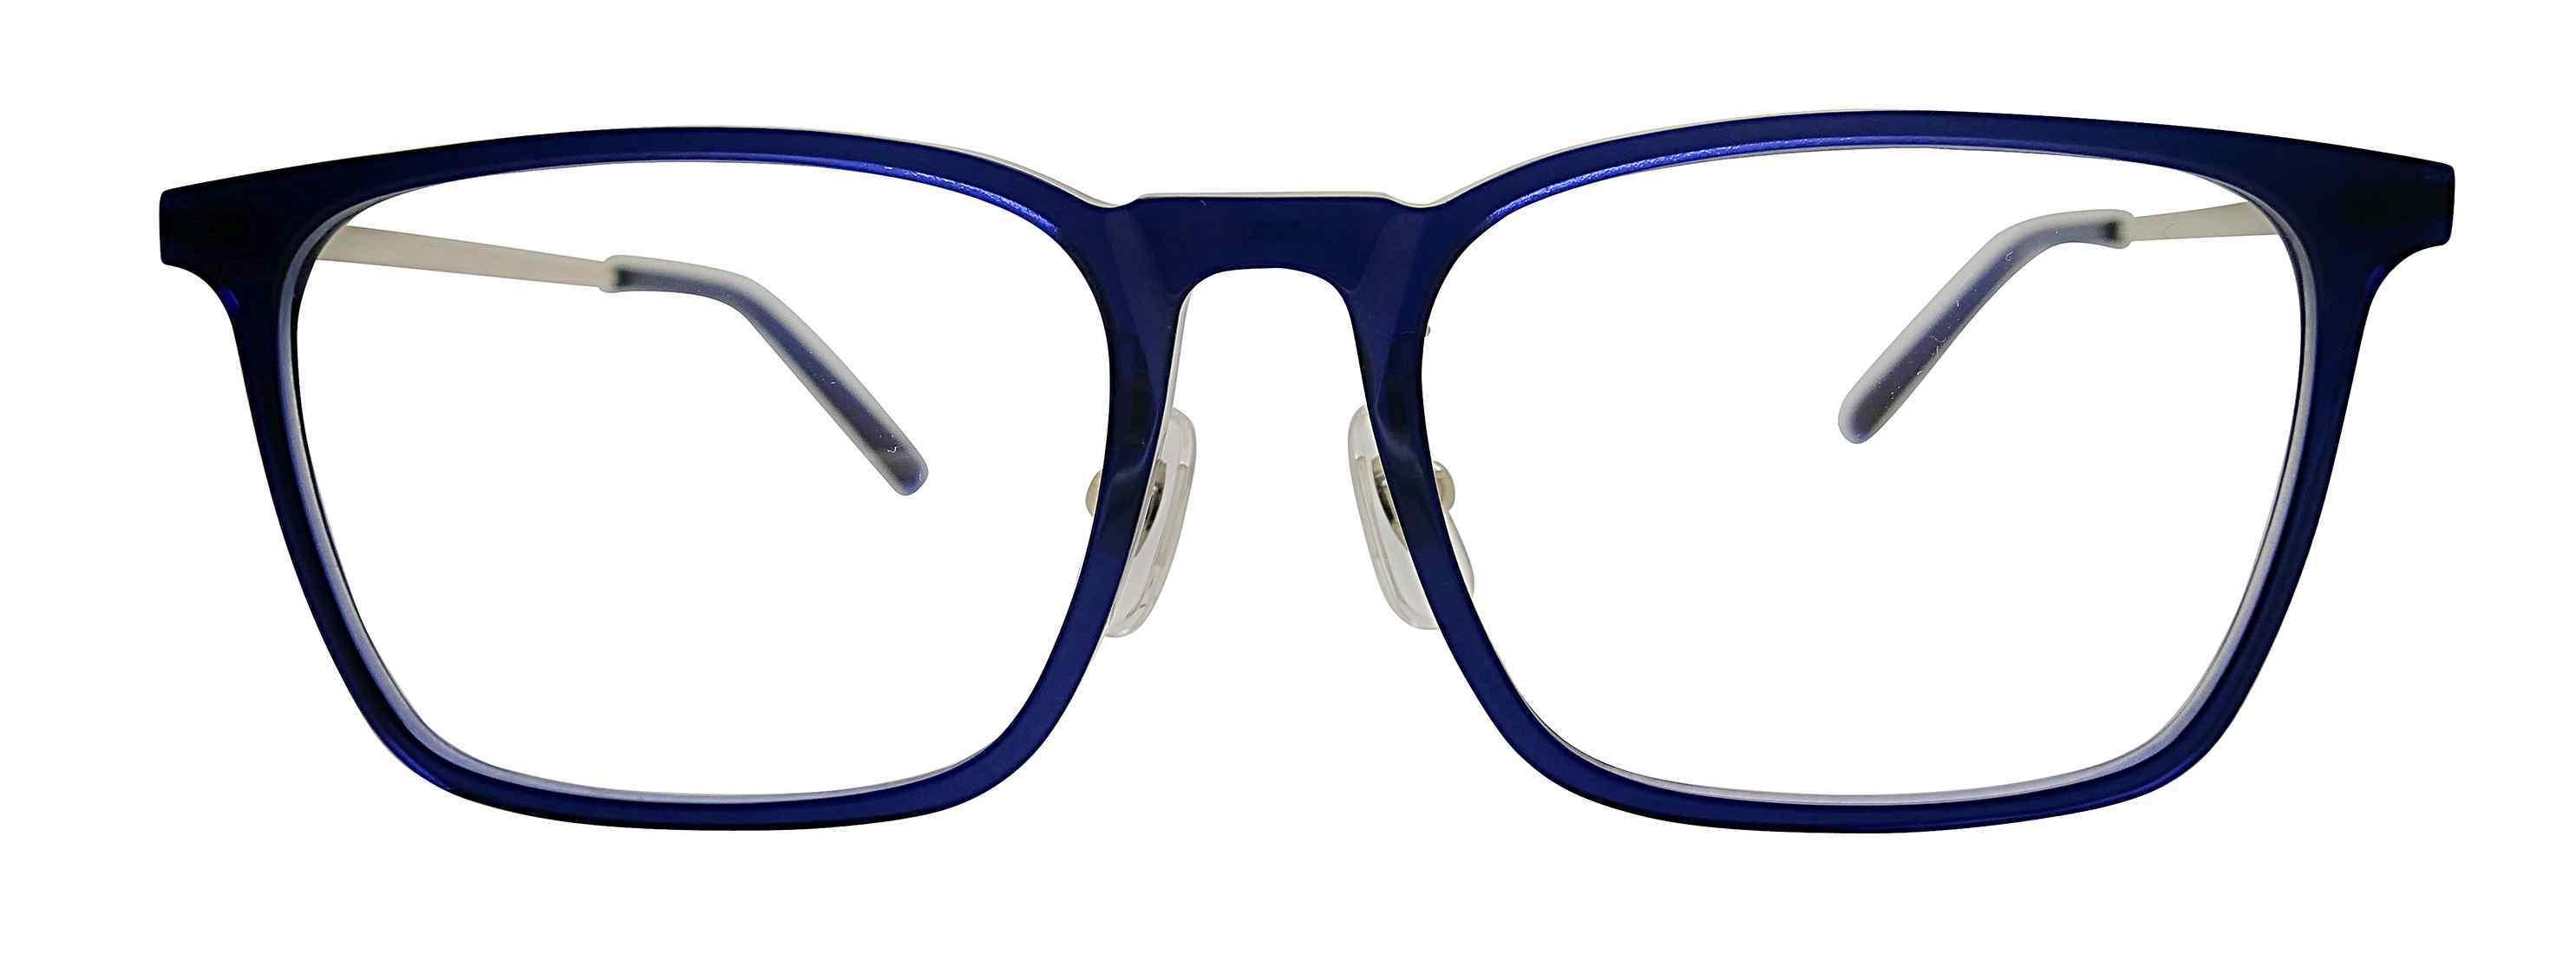 Esprit Spectacles 14307 2 01